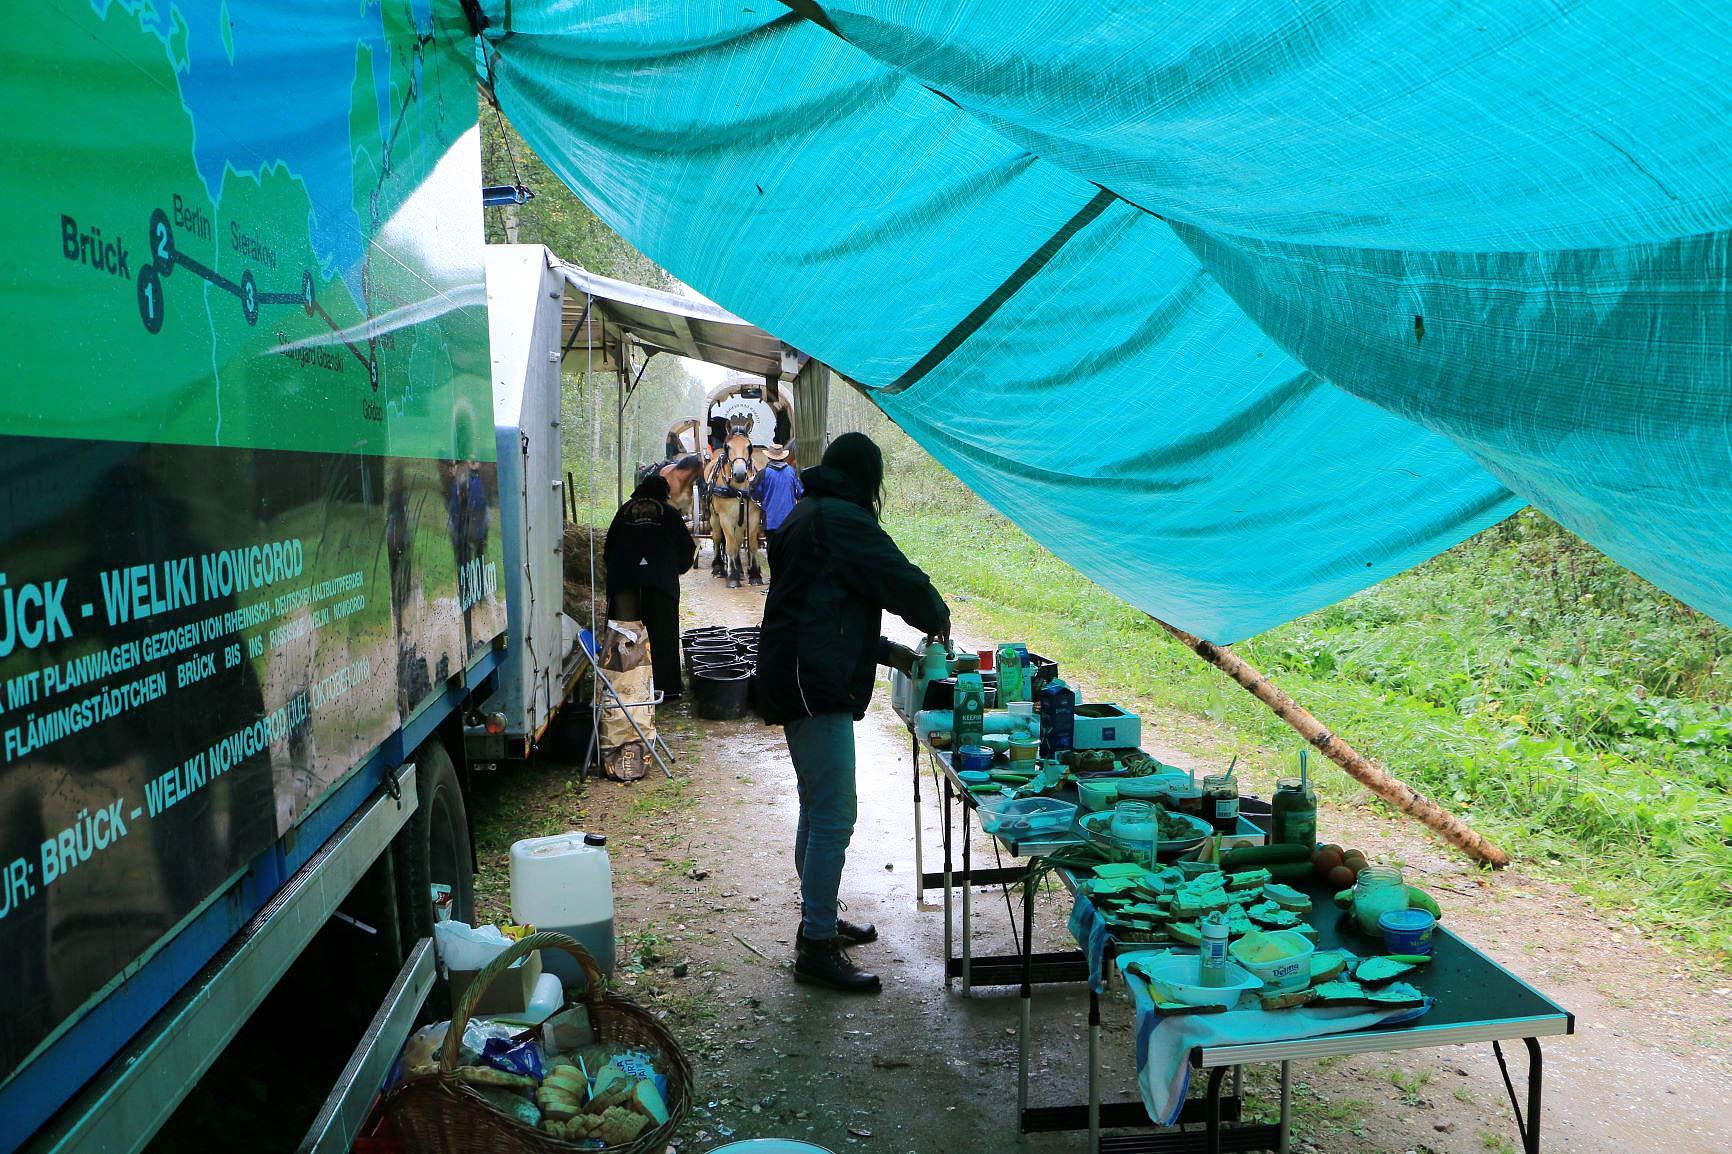 Mittag am ersten Regentag des Trecks - Am Peipussee in Estland - Titanen on tour